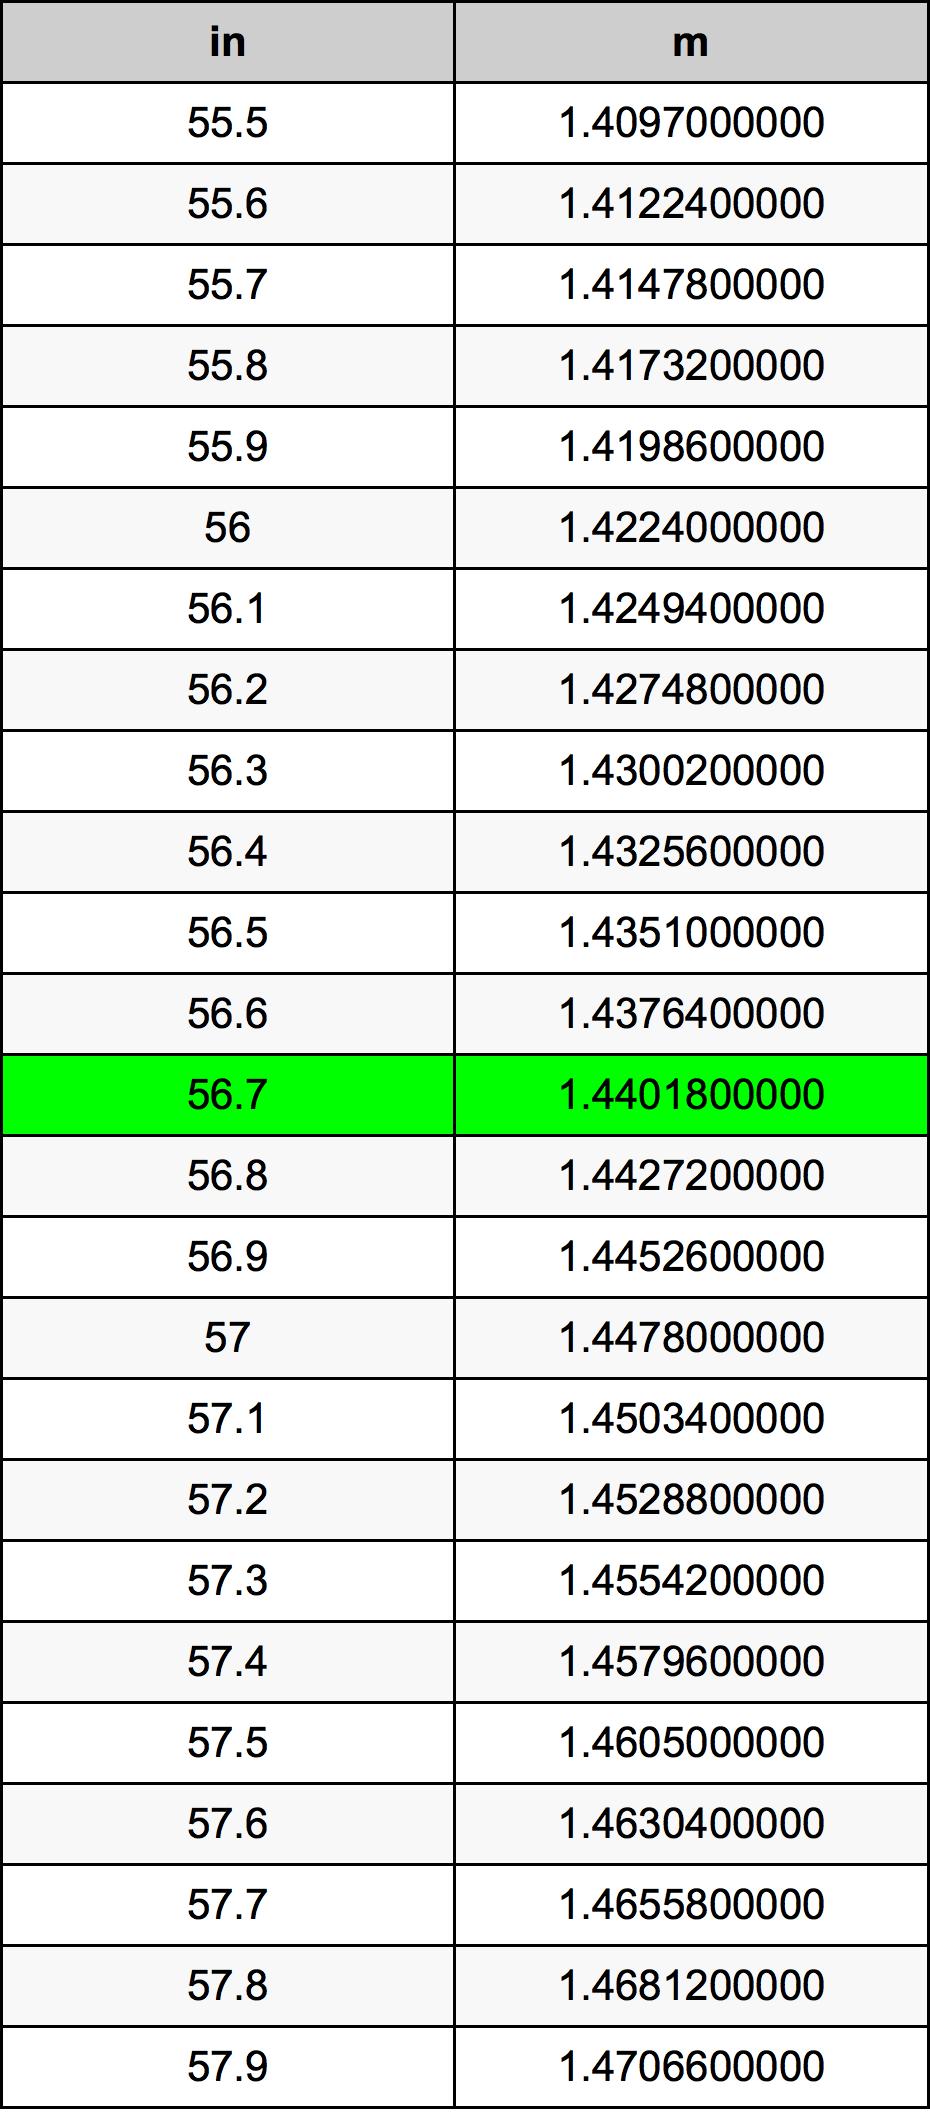 56.7 Tomme konverteringstabellen